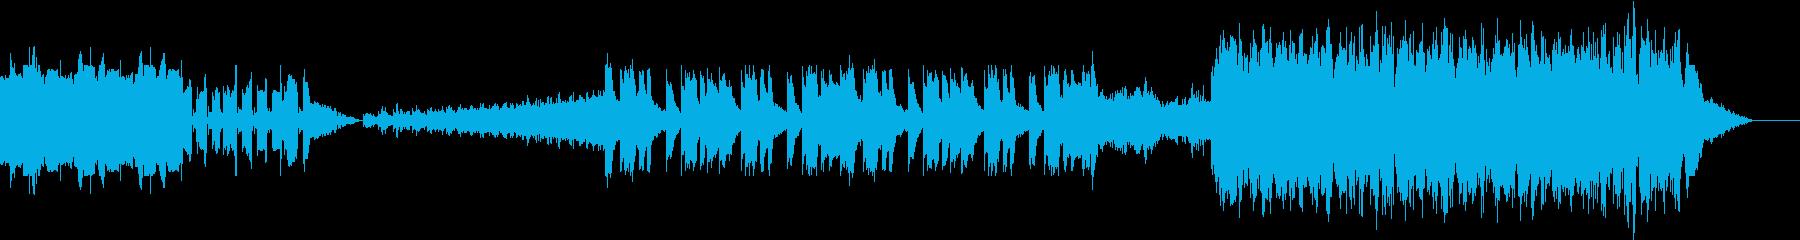 宇宙人からの侵略やボス感のある曲の再生済みの波形